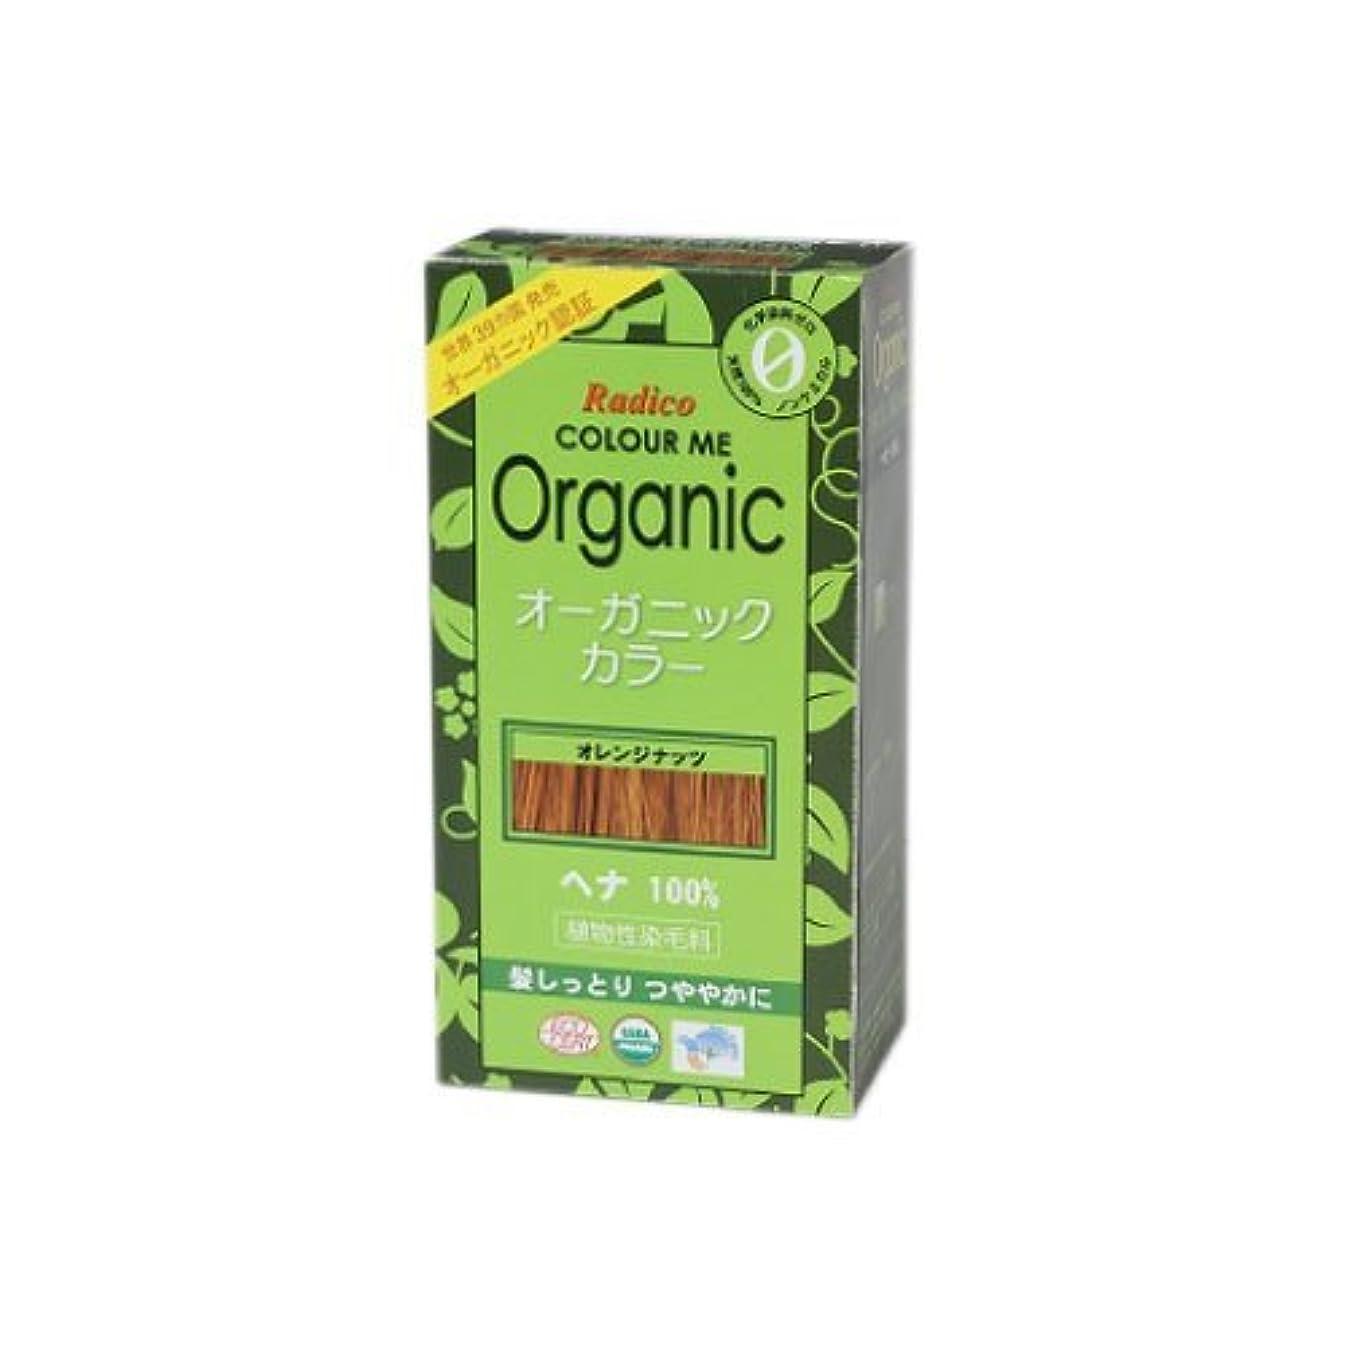 受粉者無今日COLOURME Organic (カラーミーオーガニック ヘナ 白髪用) オレンジナッツ 100g